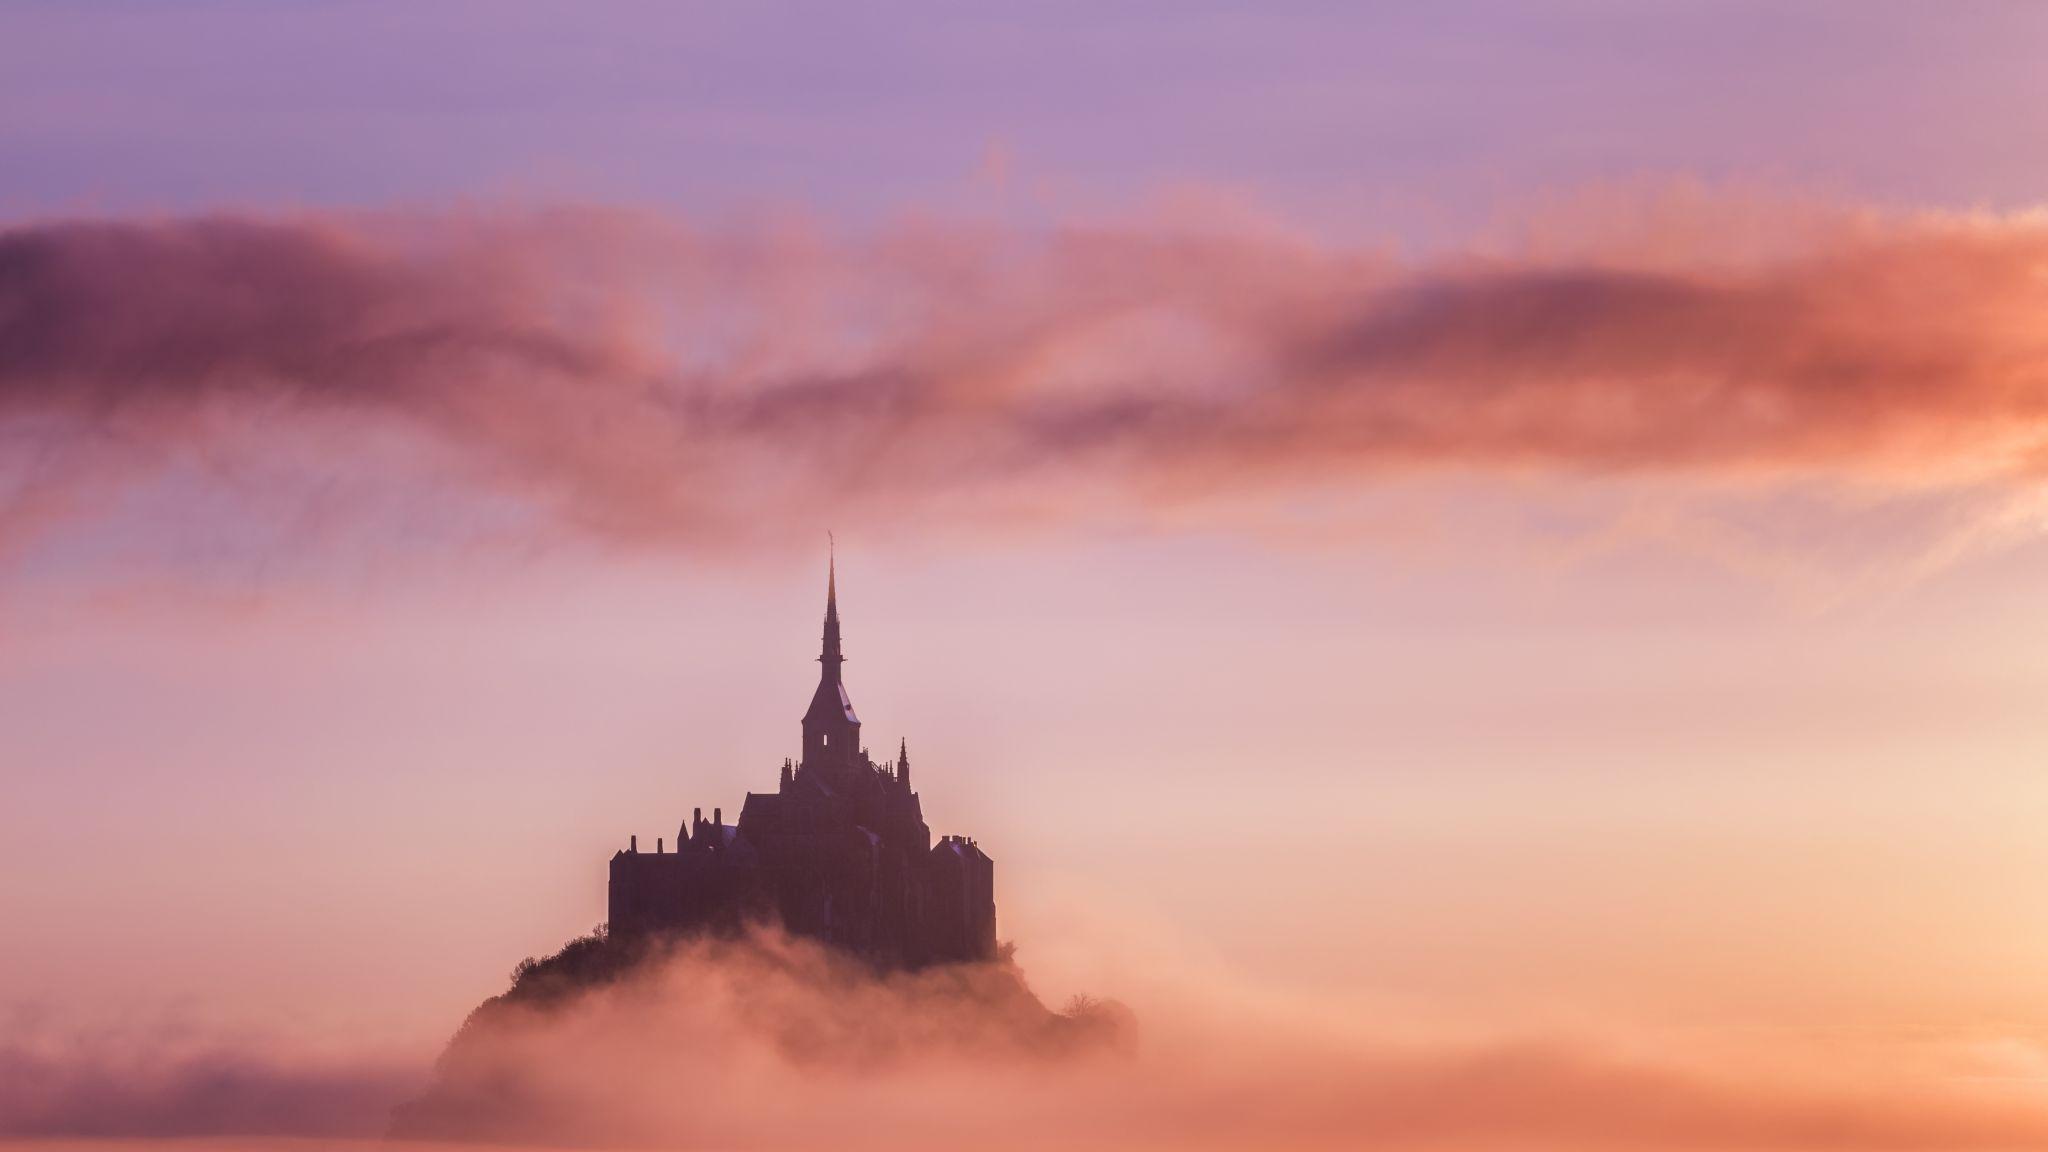 Mont Saint Michel at sunrise, France